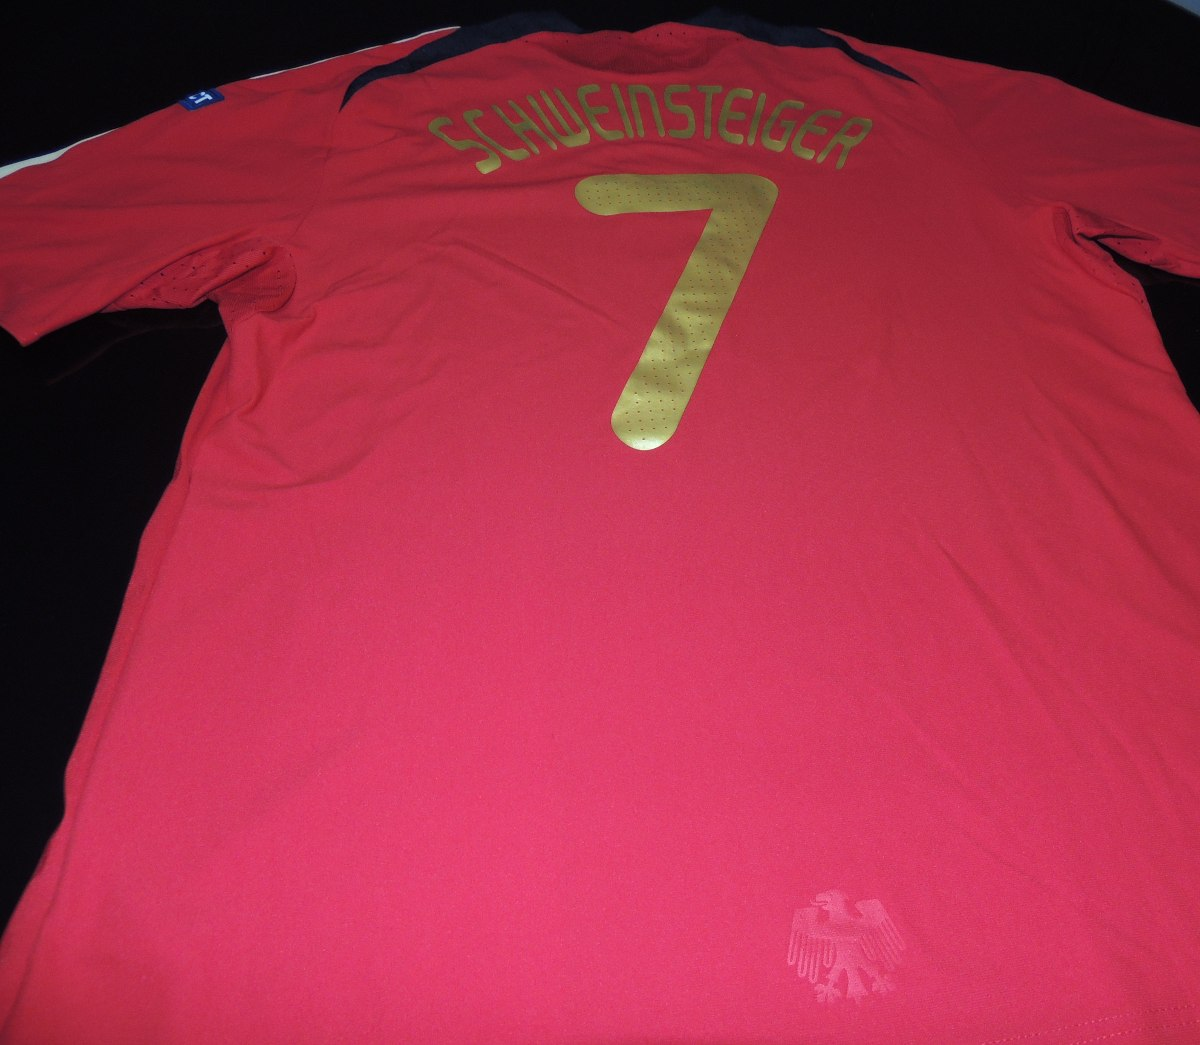 812dff460a camisa alemanha away euro 2008  7 schweinsteiger tam. gg. Carregando zoom.